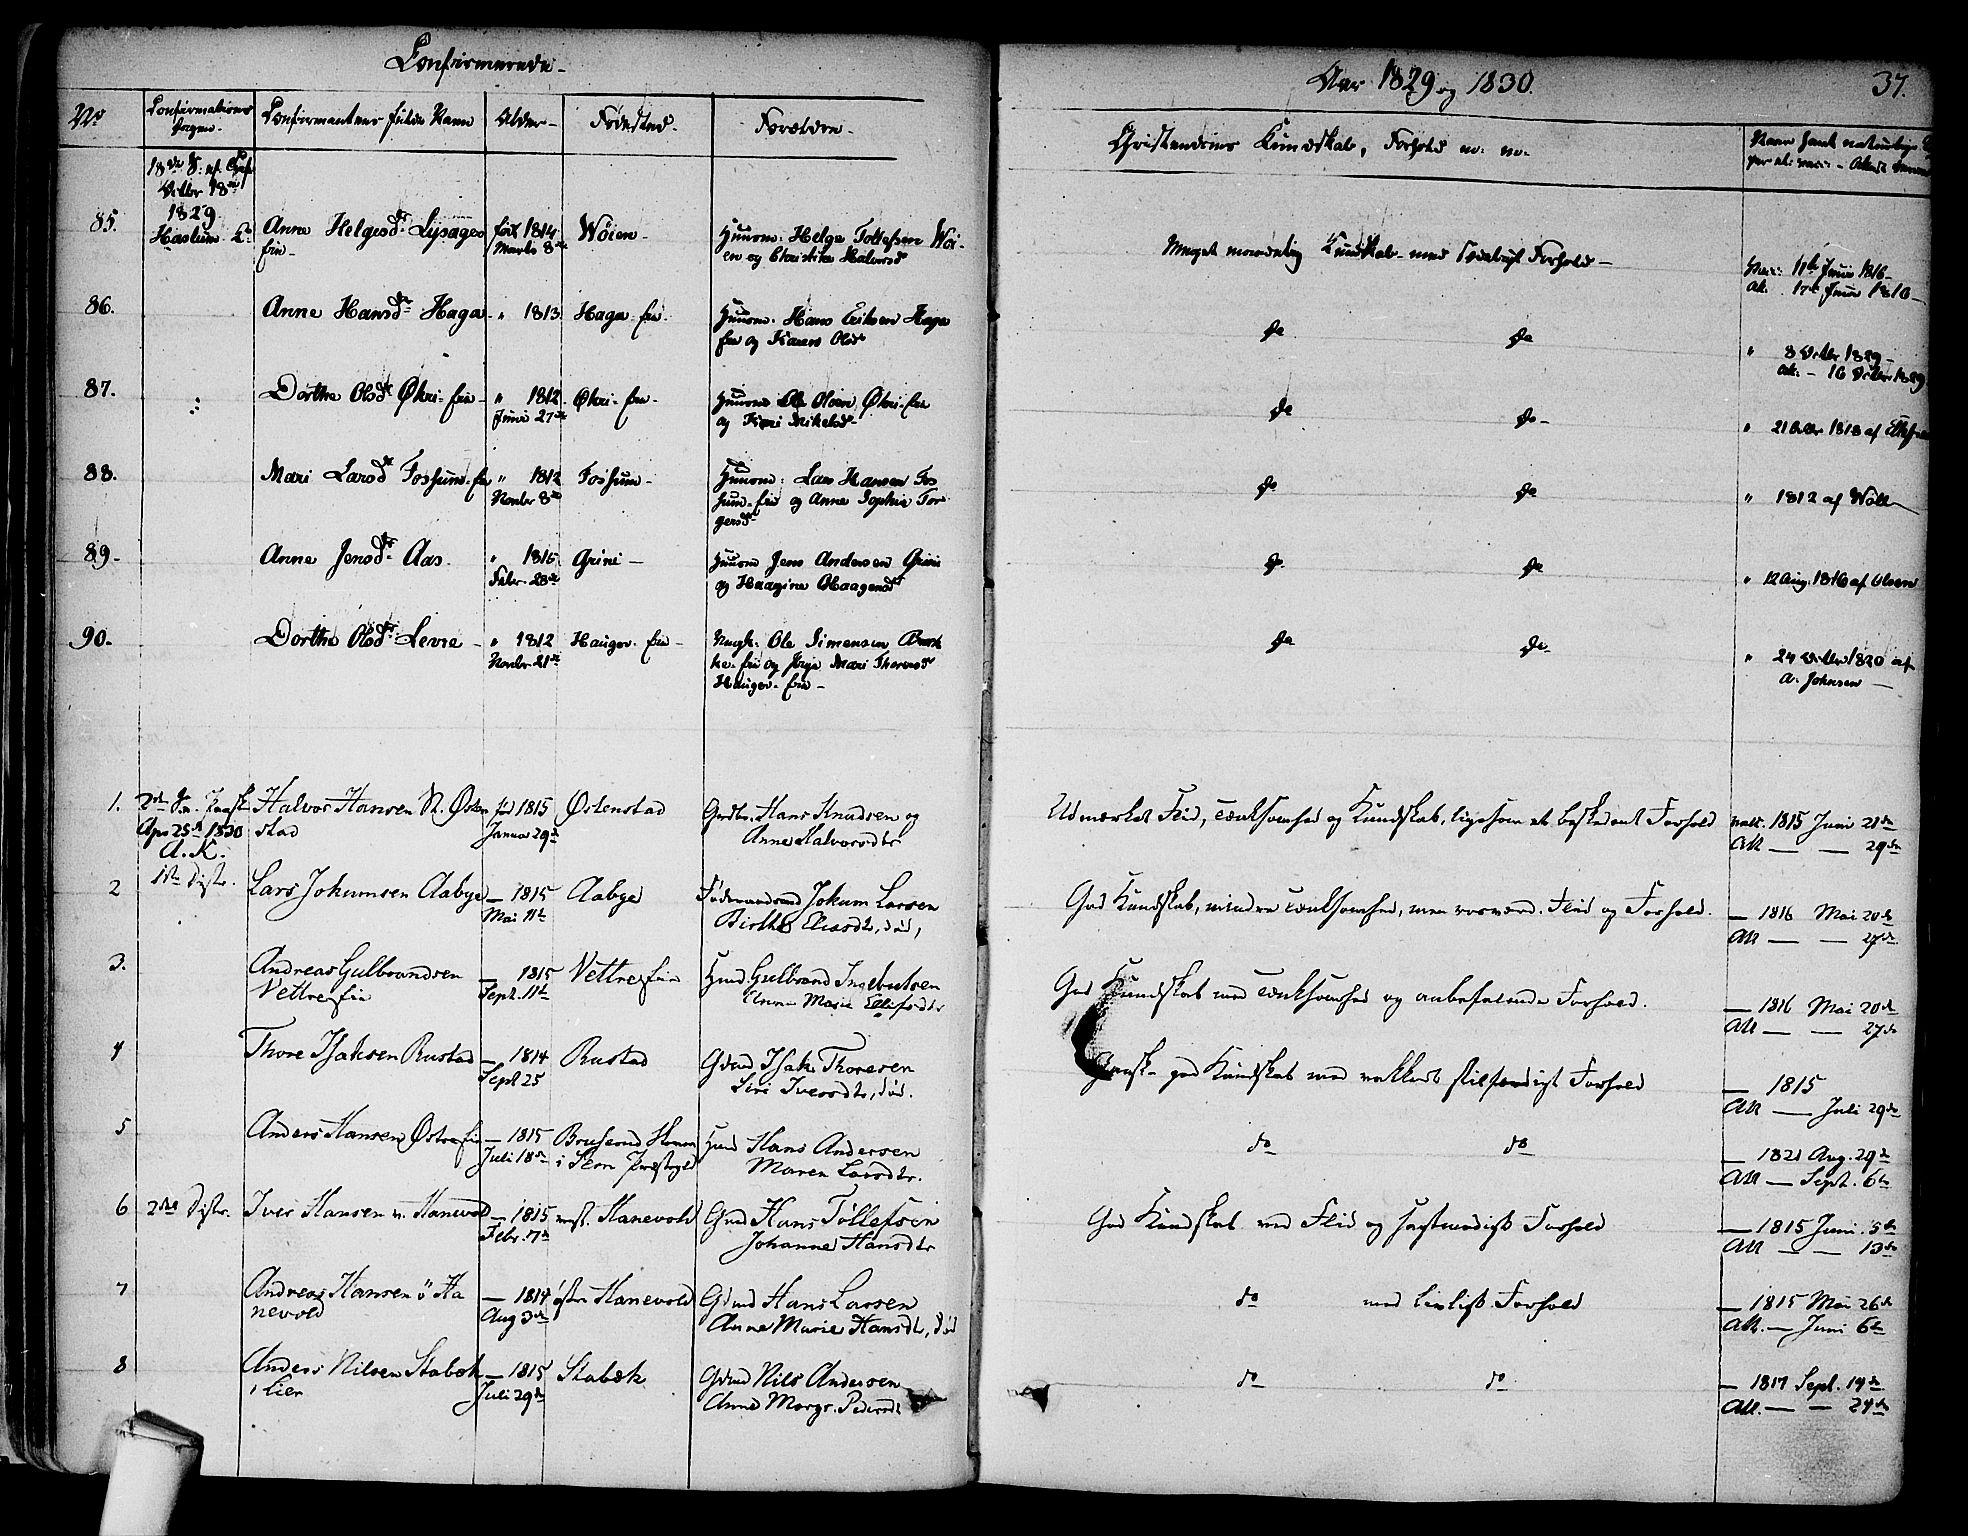 SAO, Asker prestekontor Kirkebøker, F/Fa/L0009: Ministerialbok nr. I 9, 1825-1878, s. 37